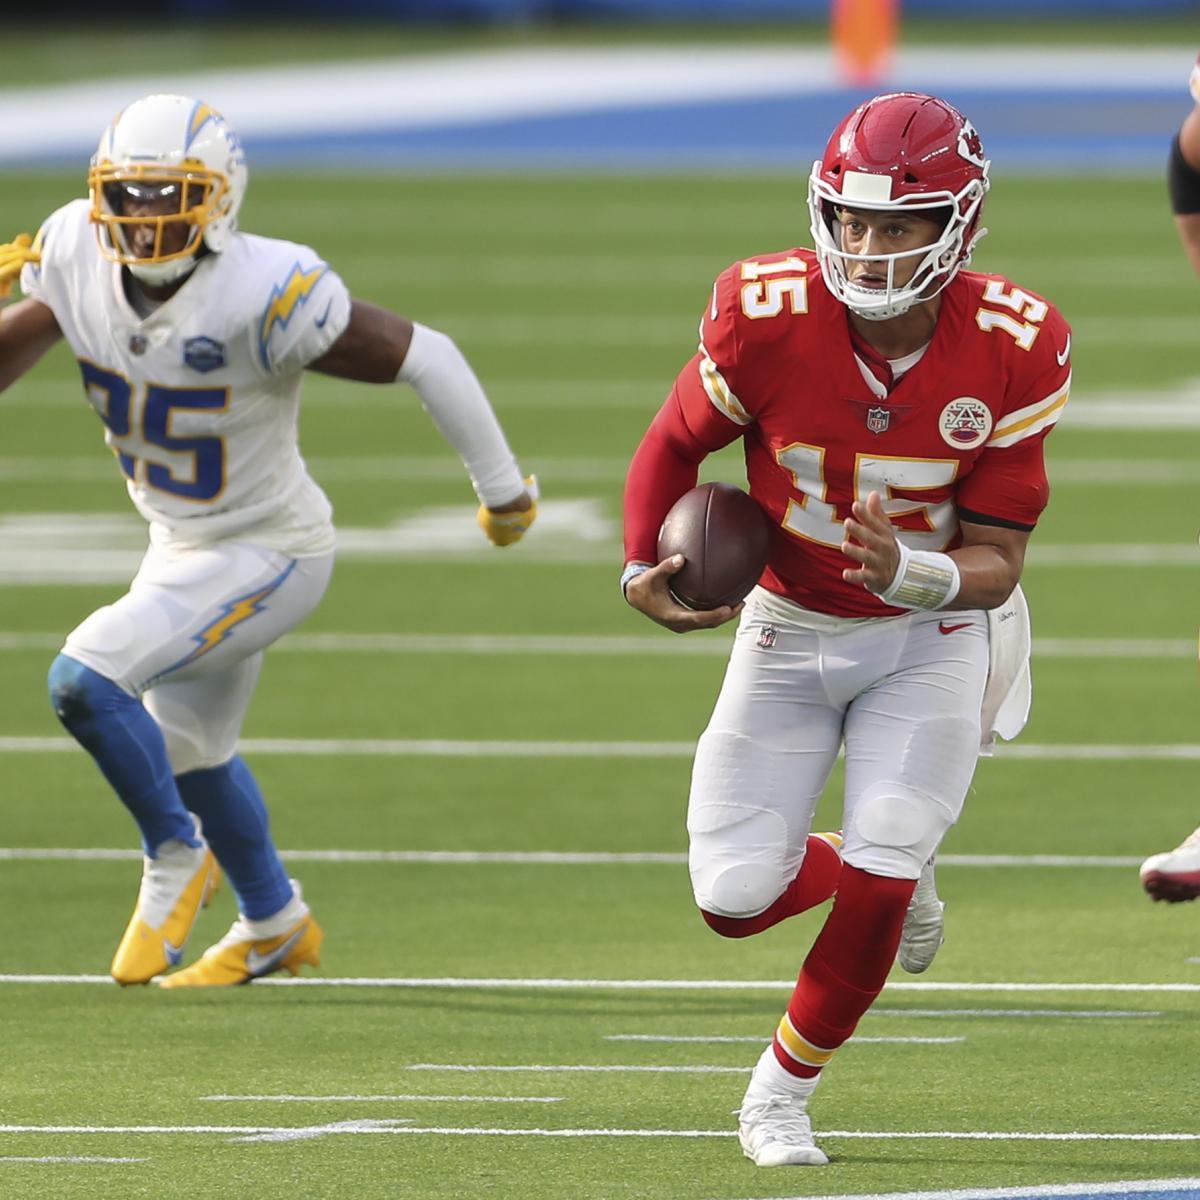 NFL Power Rankings: Breaking Down Sunday's Action Ahead of Week 3